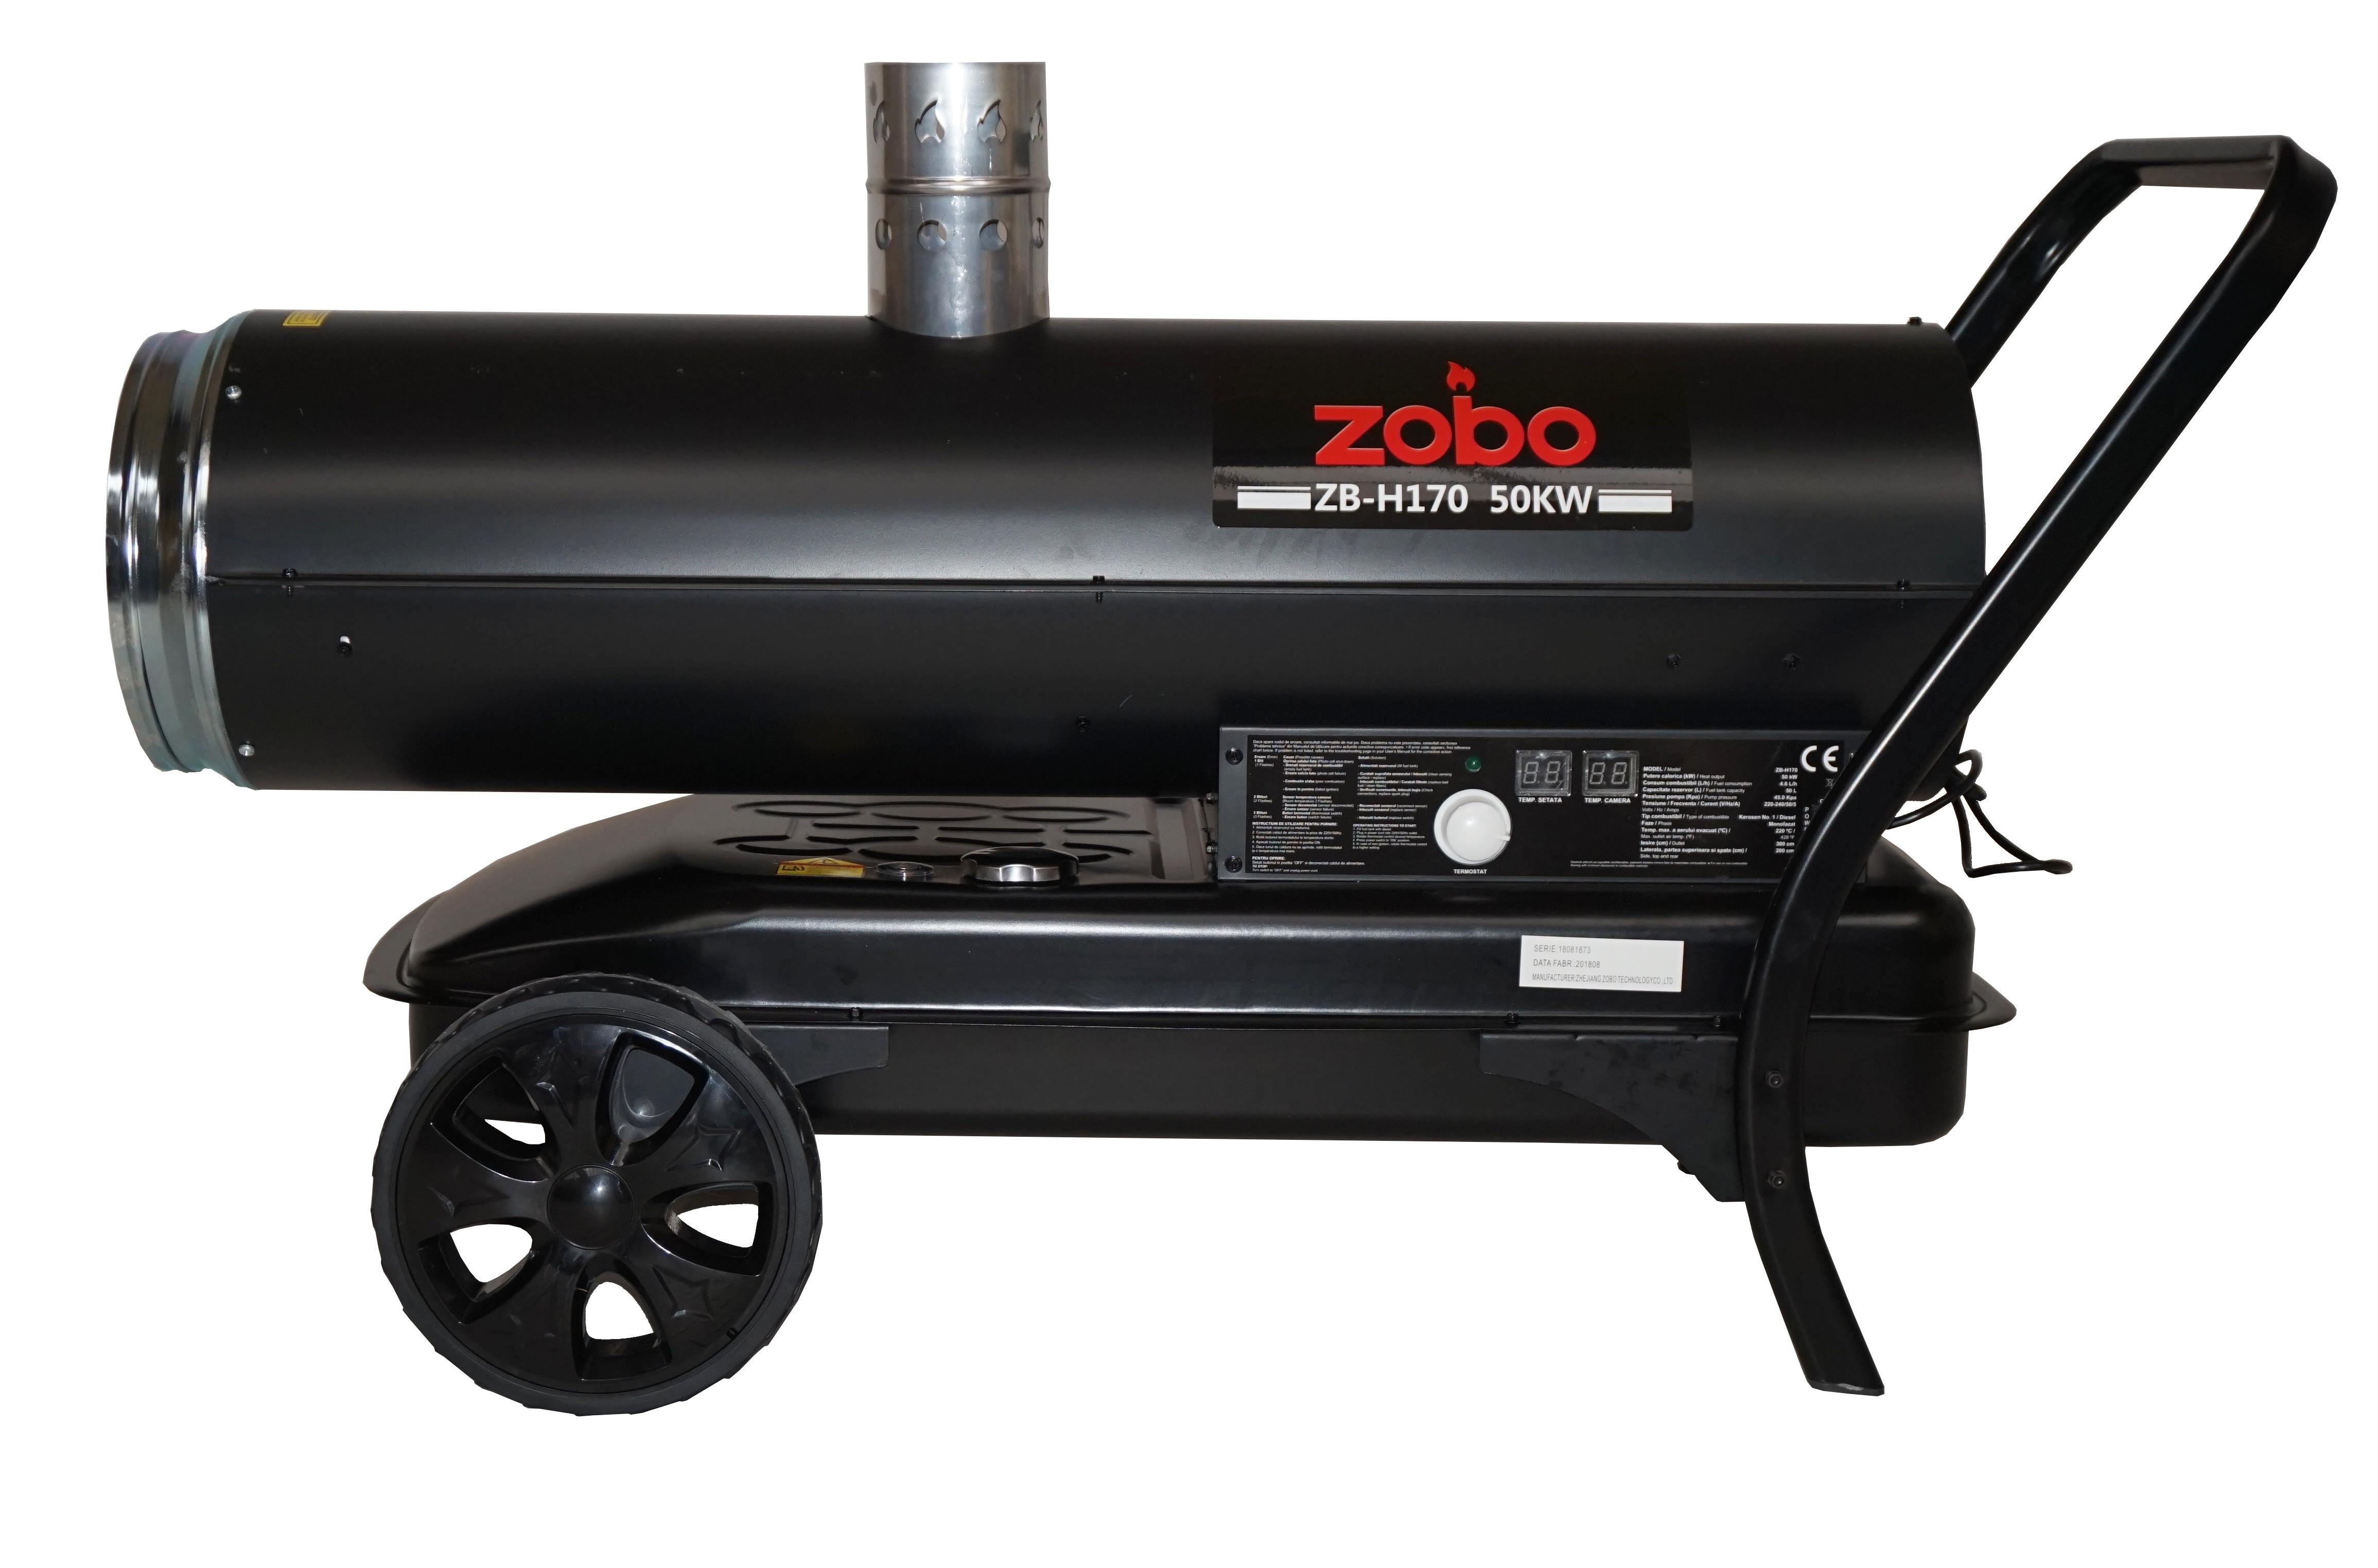 Tun de aer cald Zobo ZB-H170, ardere indirecta [0]